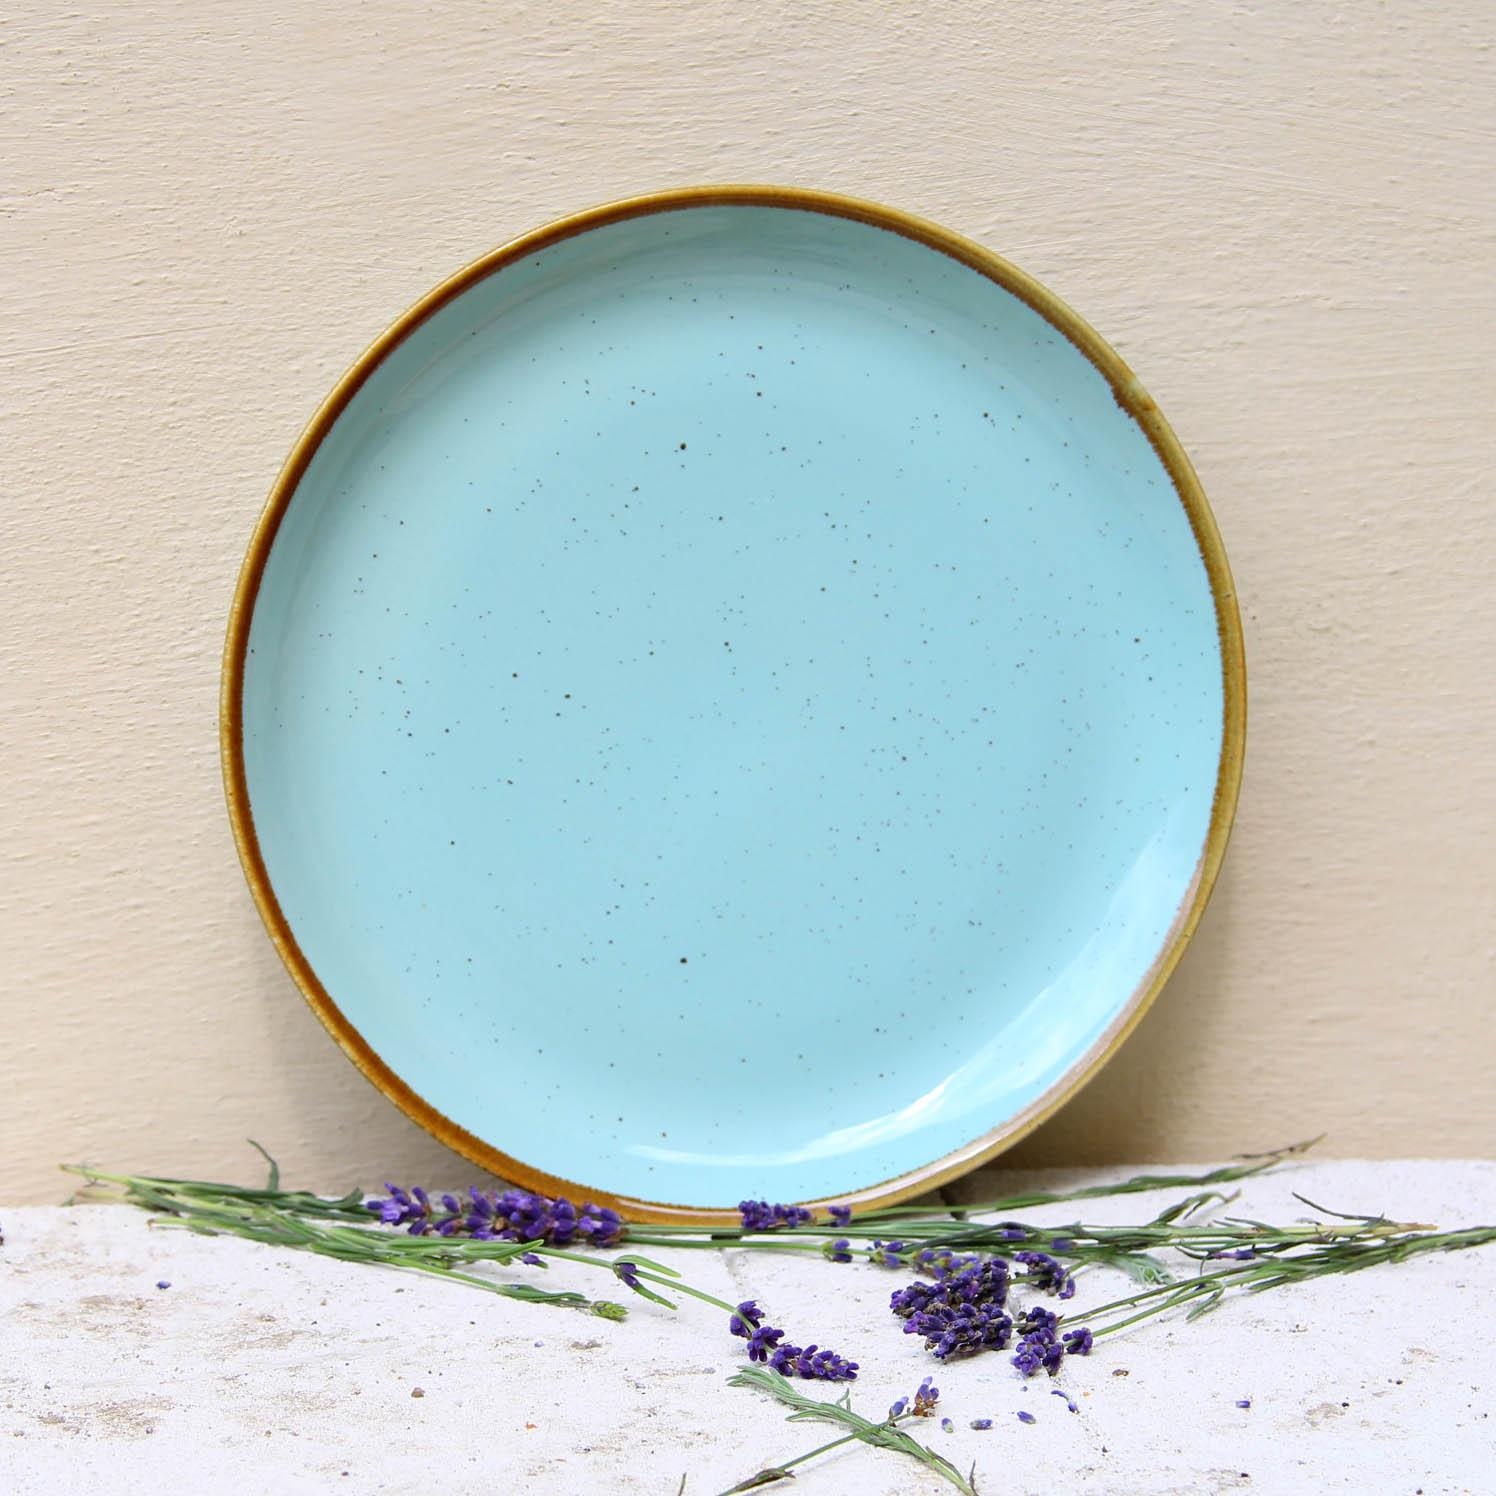 Farfurie intinsa Gardena din ceramica turcoaz 24 cm chicville 2021